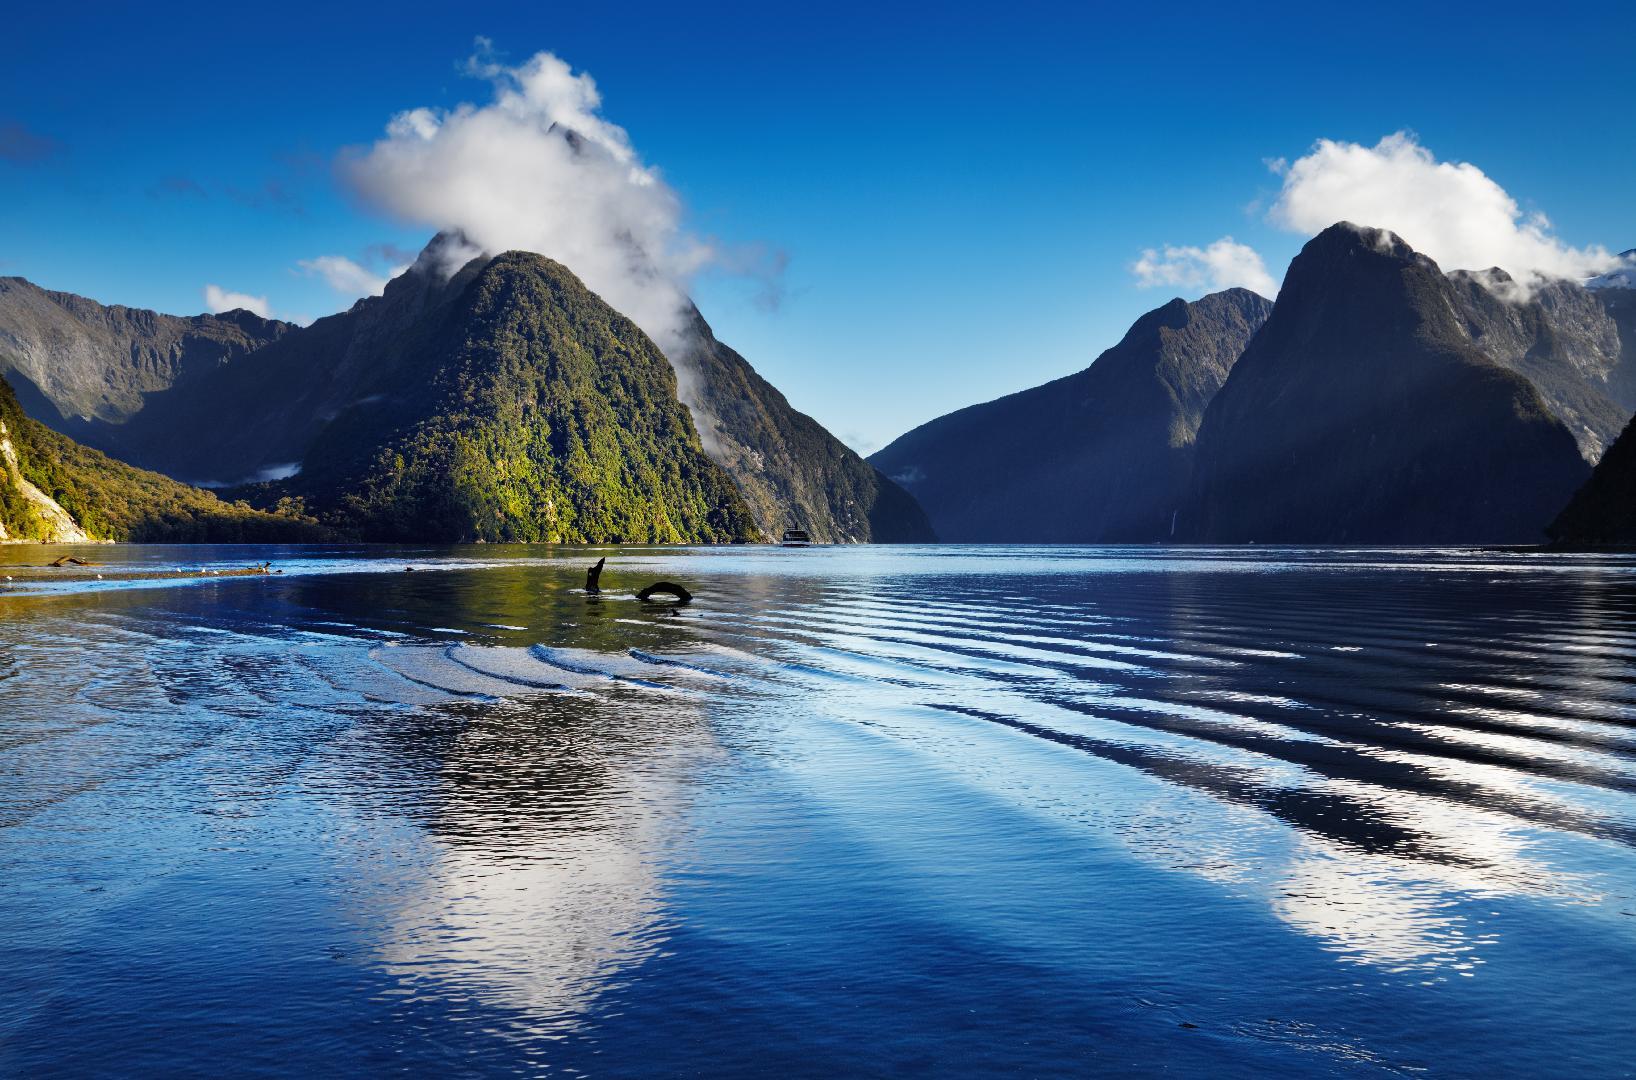 Ταξιδεύοντας στη Νέα Ζηλανδία